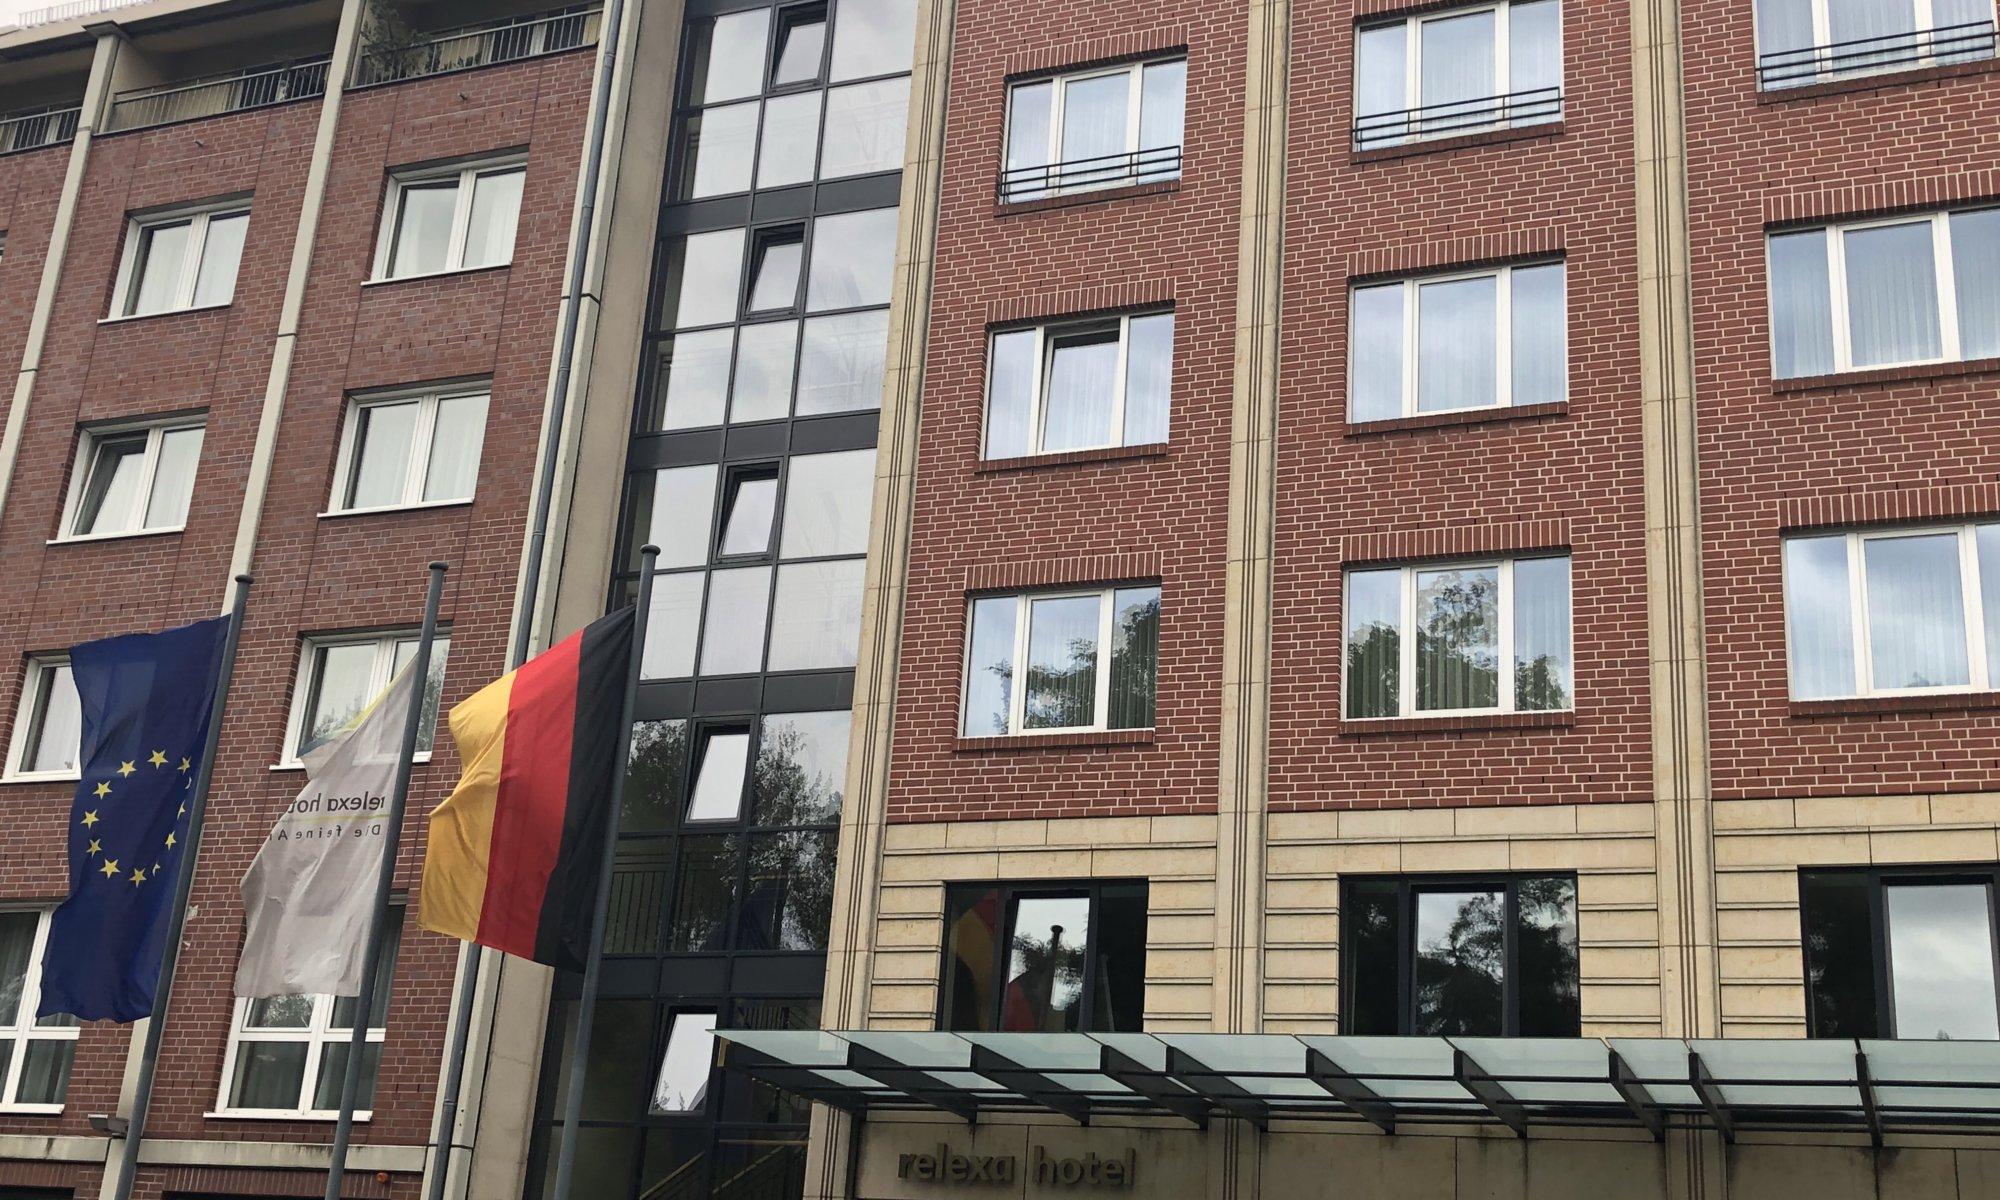 relexa hotel, Berlin